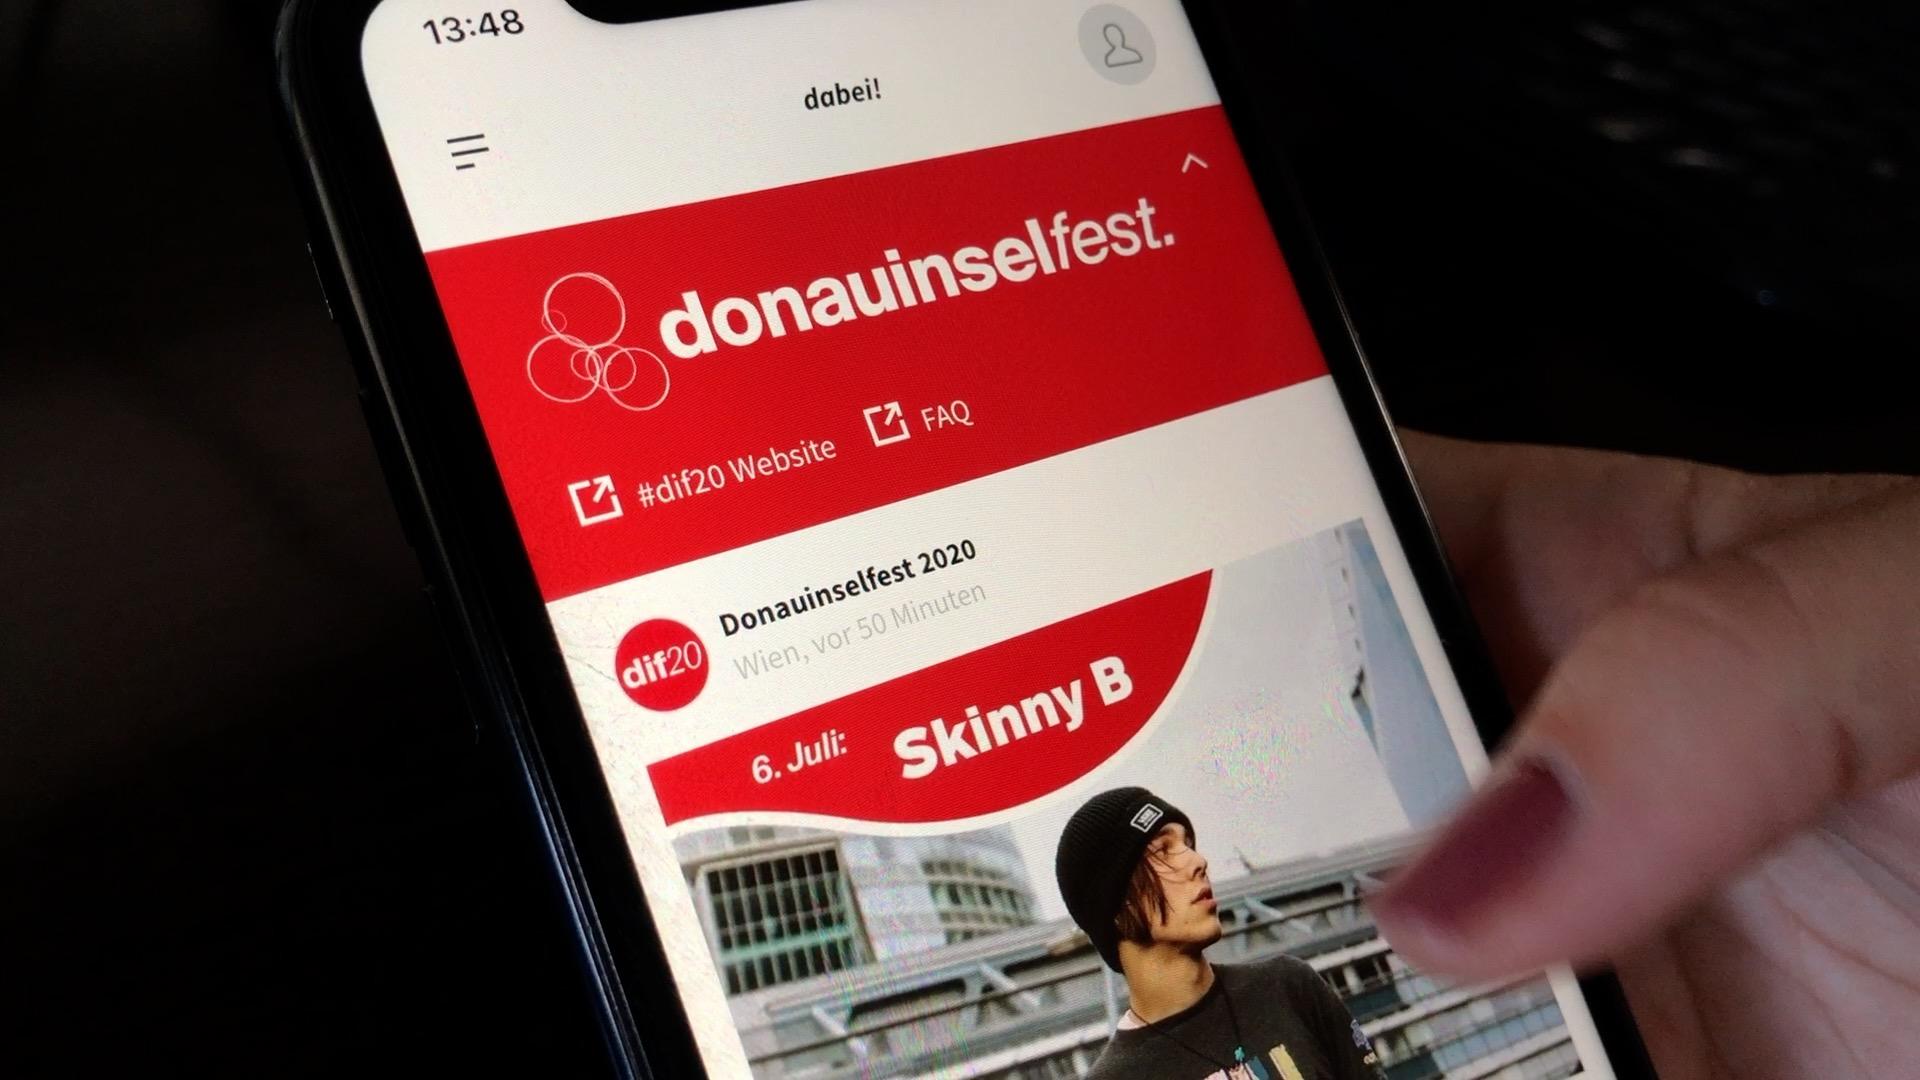 Mit Der Dabei App Zum Donauinselfest News W24